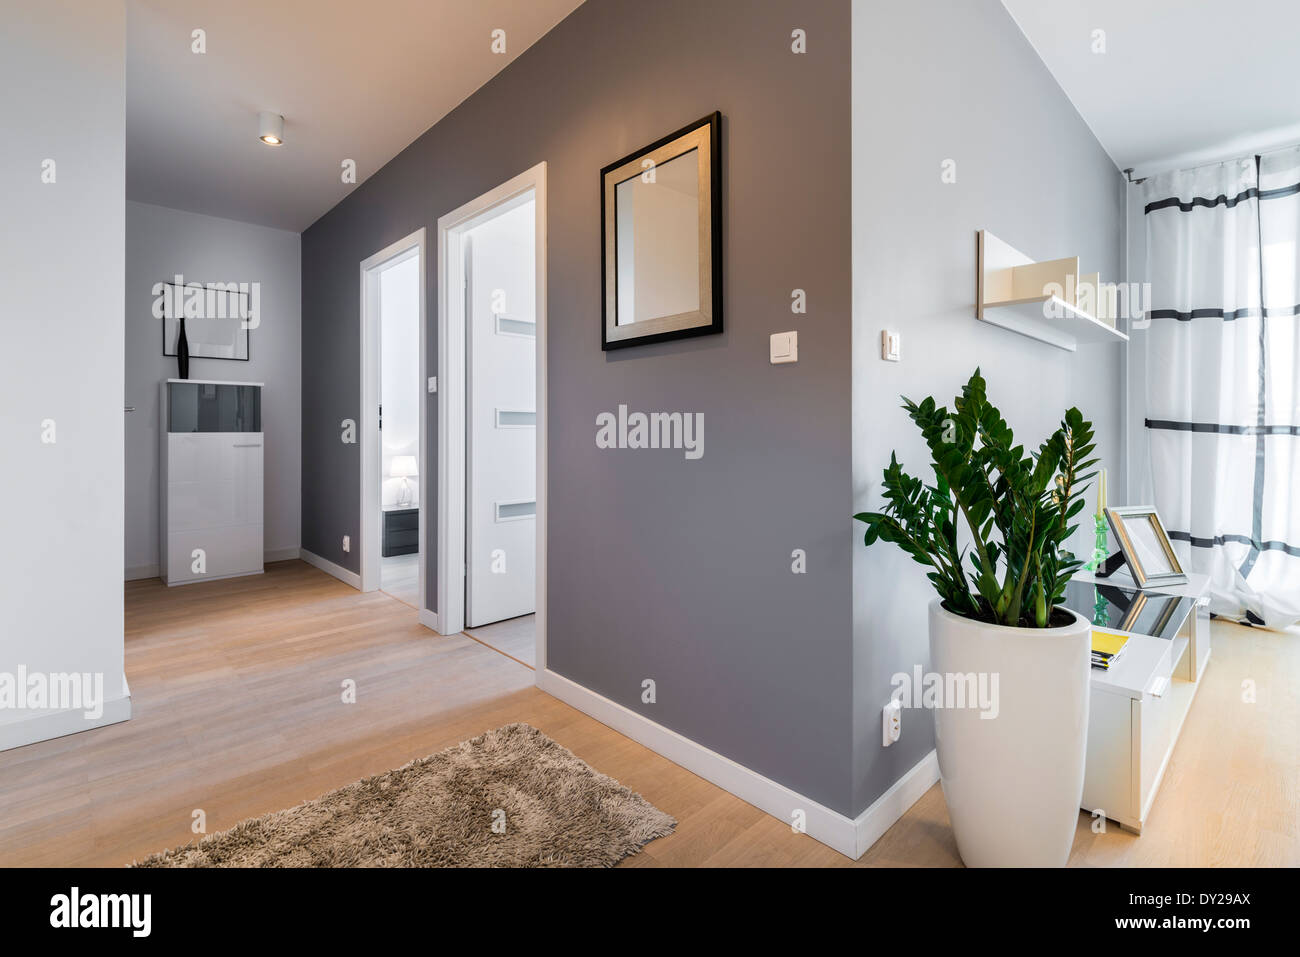 Corridoio e soggiorno in appartamento moderno con pareti grigie Foto ...